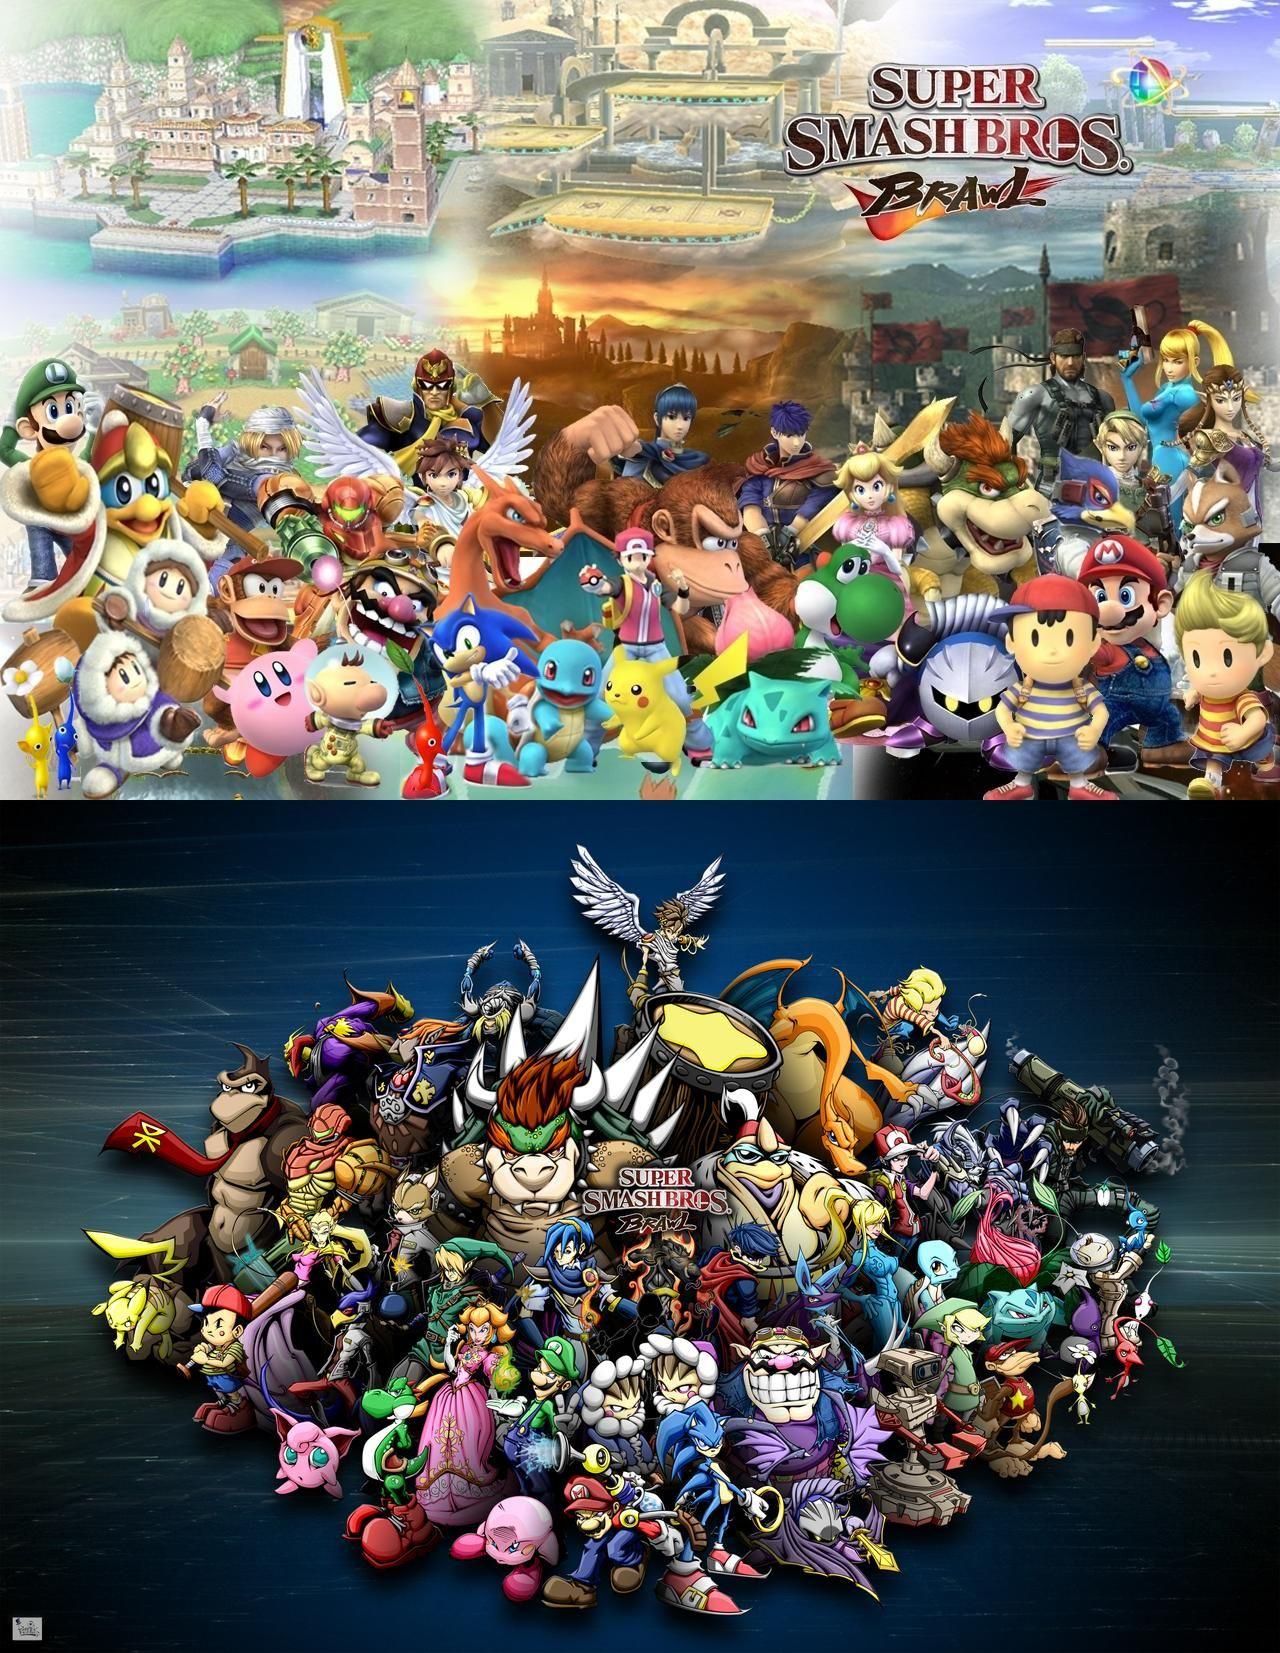 b6b28b587bc9040af3c4021dc4a5ccf0 - How To Get Every Character In Super Smash Bros Brawl